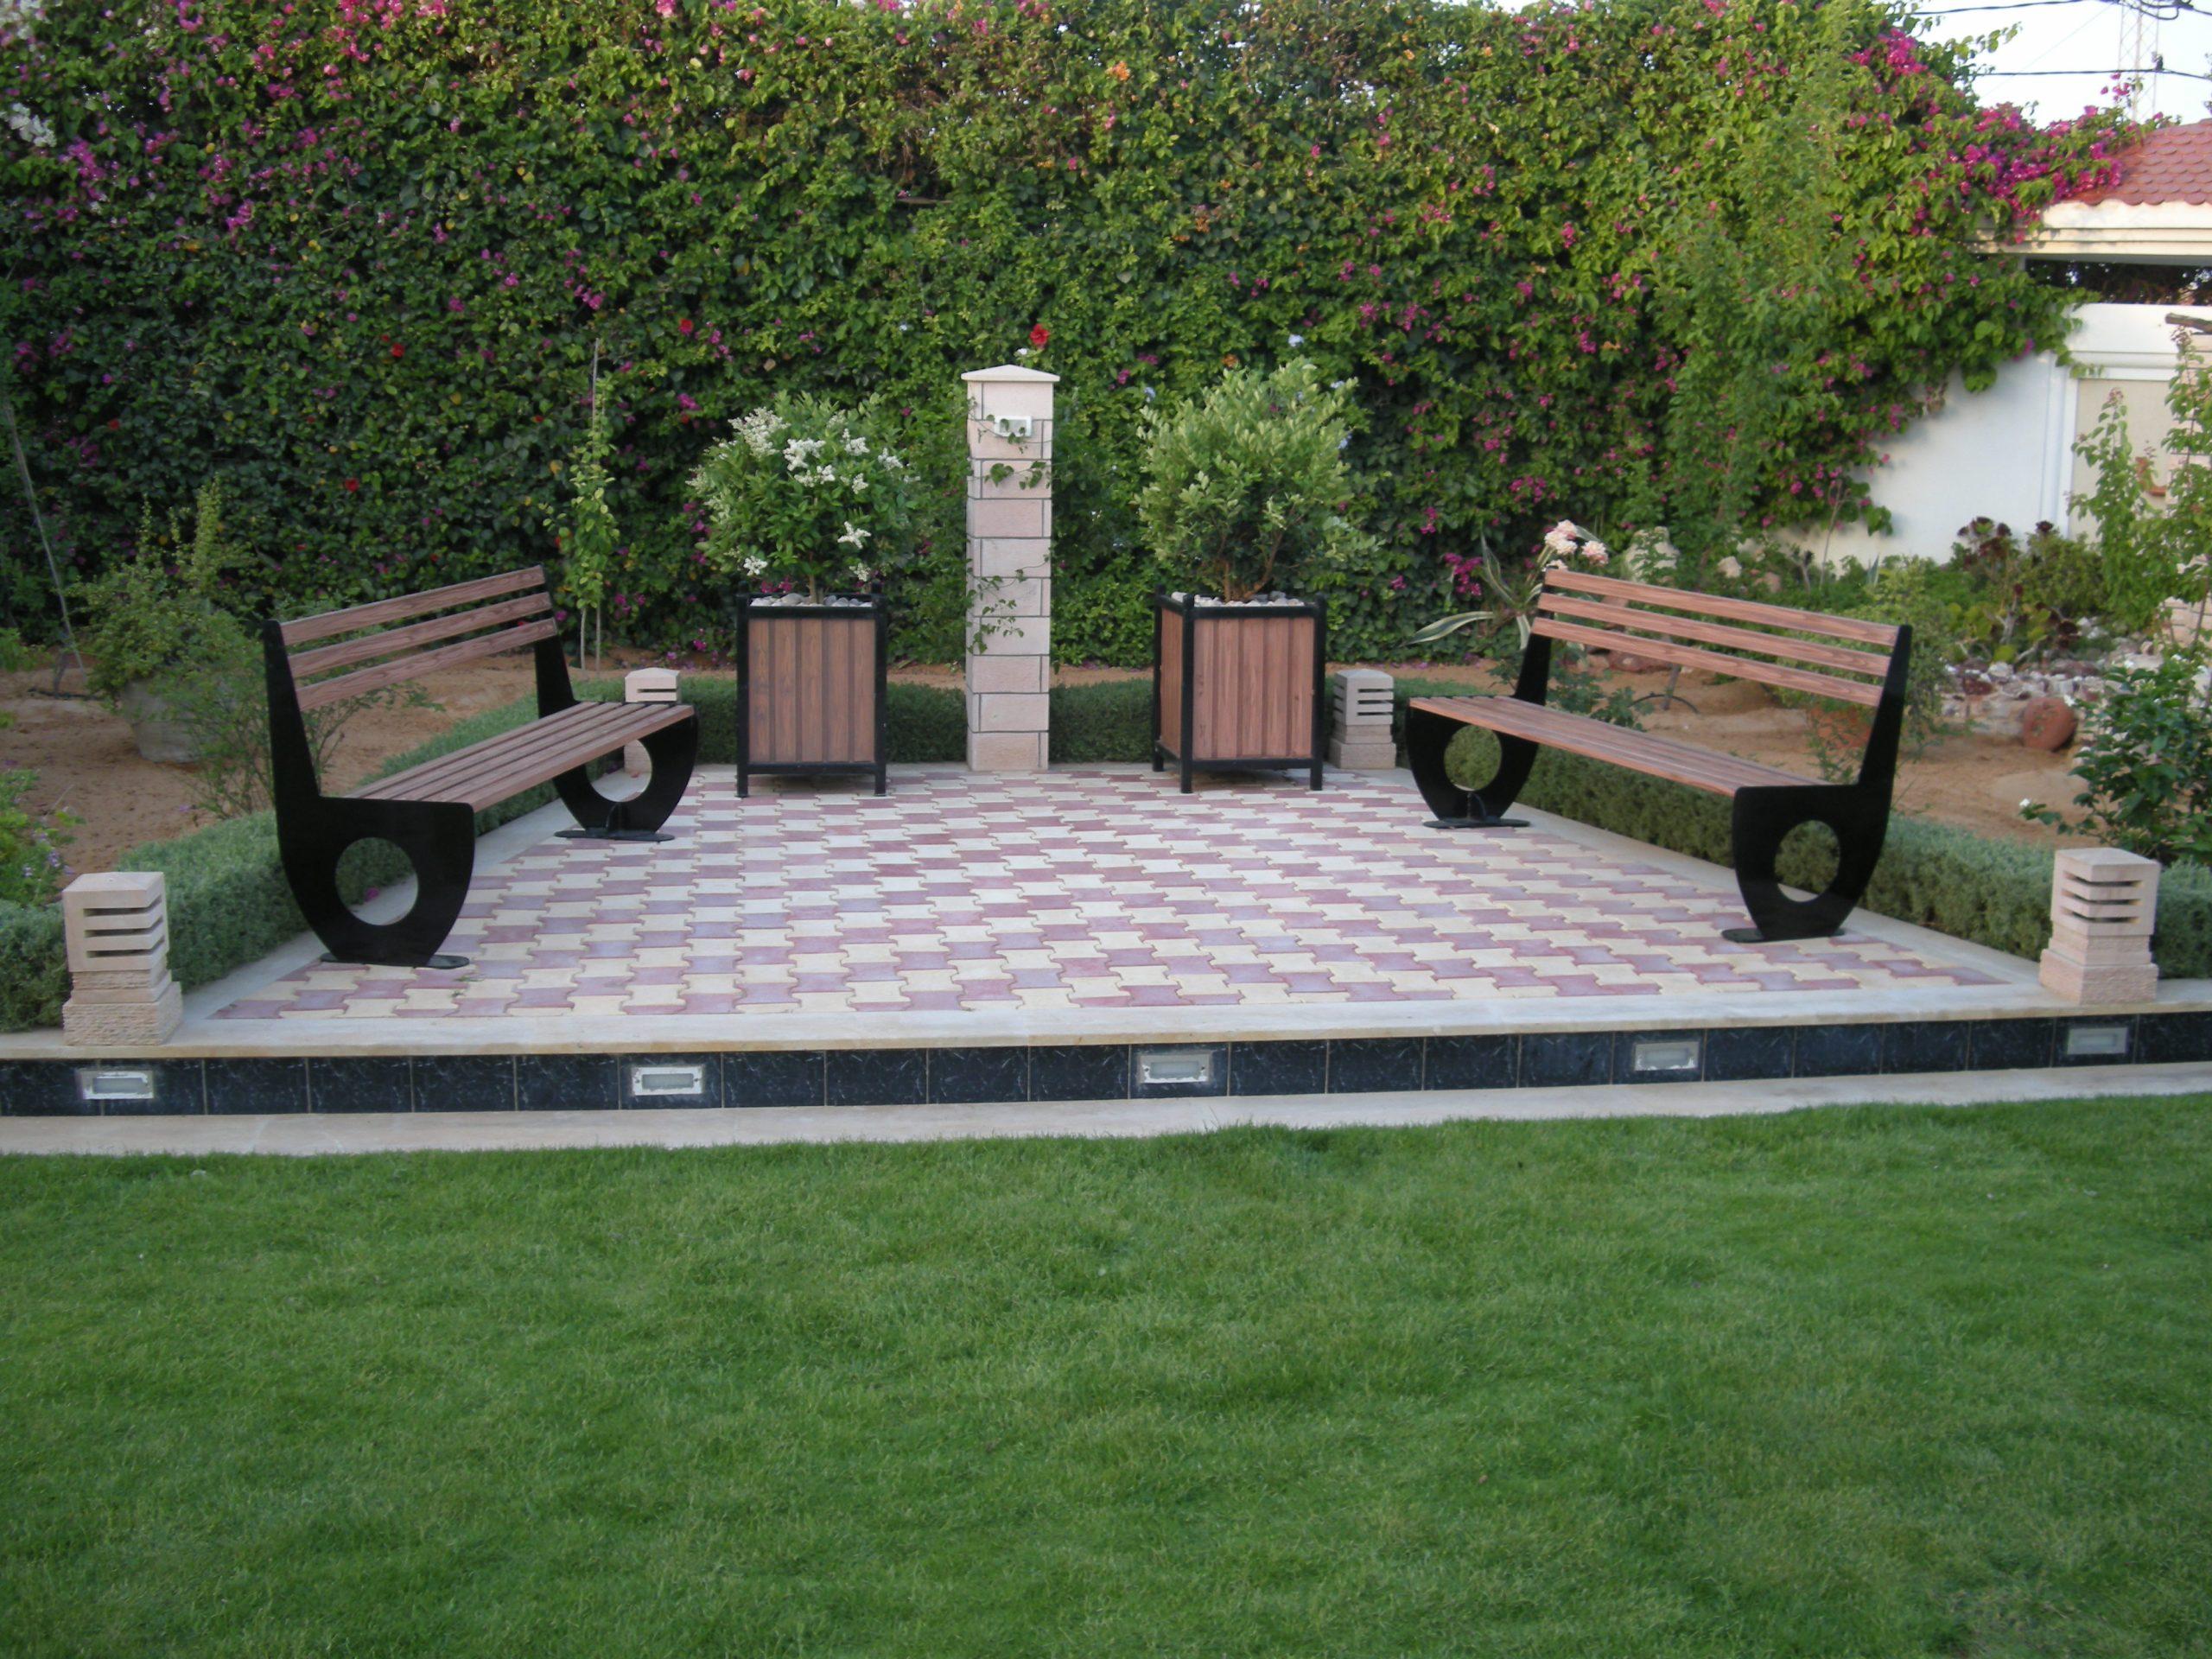 Escabeau Avec Porte Outil Tunisie, Patin Anti Vibration ... destiné Escabeau Jardin